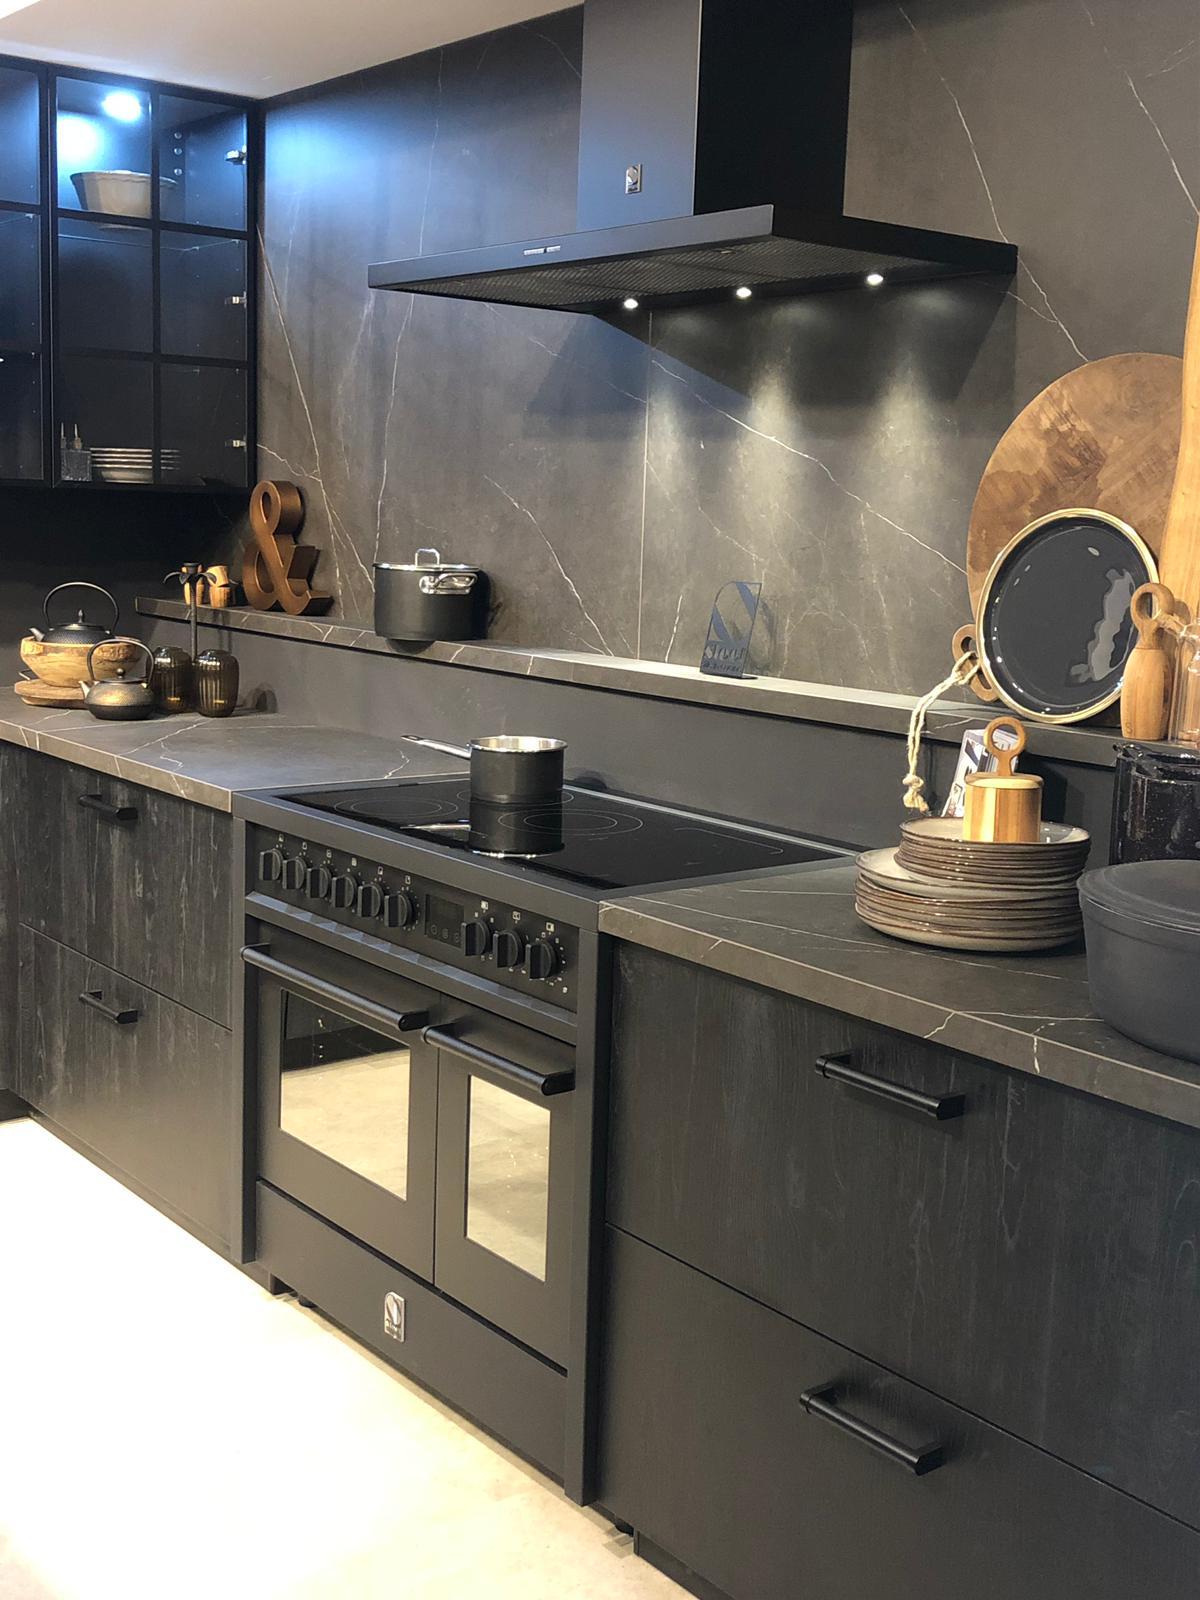 Zwarte keuken met zwart fornuis. Steel inductiefornuis